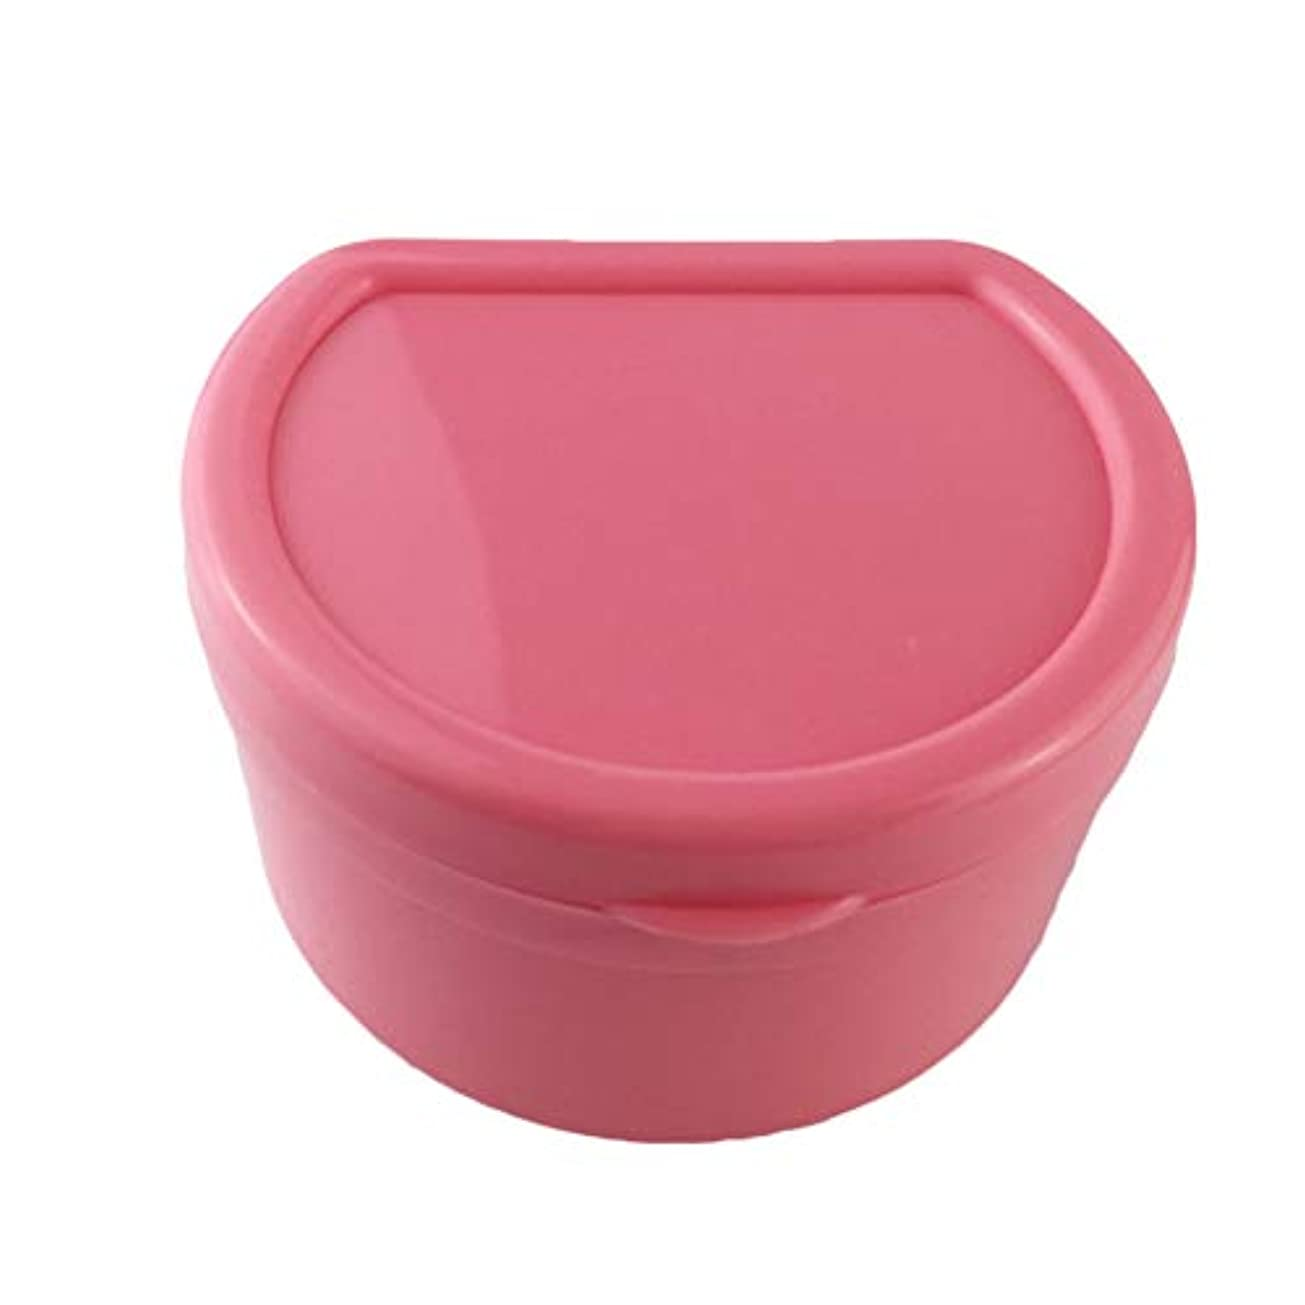 硬さ方向形式SUPVOX 義歯バスボックスケース入れ歯カップ付きストレーナーネット付偽歯(ピンク)